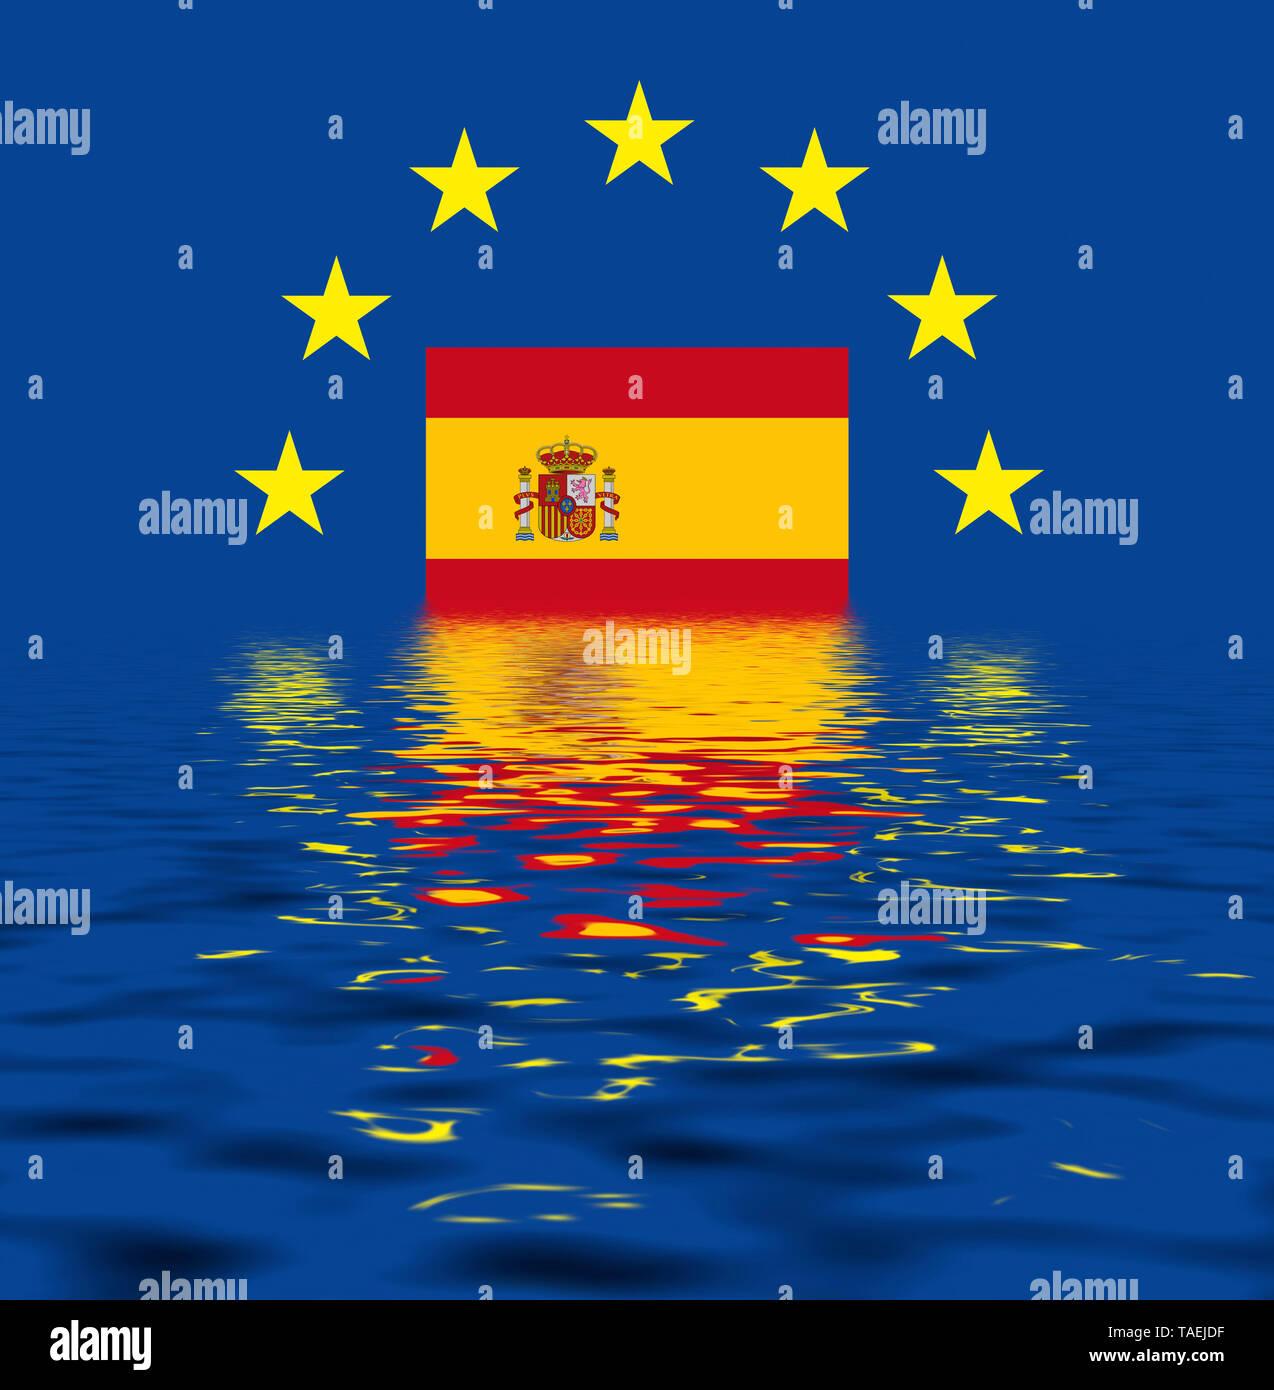 EU-Zeichen mit der Flagge von Spanien, die Sterne schützen symbolisch das Land Spanien, Symbolfoto für Europa, alles versinkt im Wasser - Stock Image